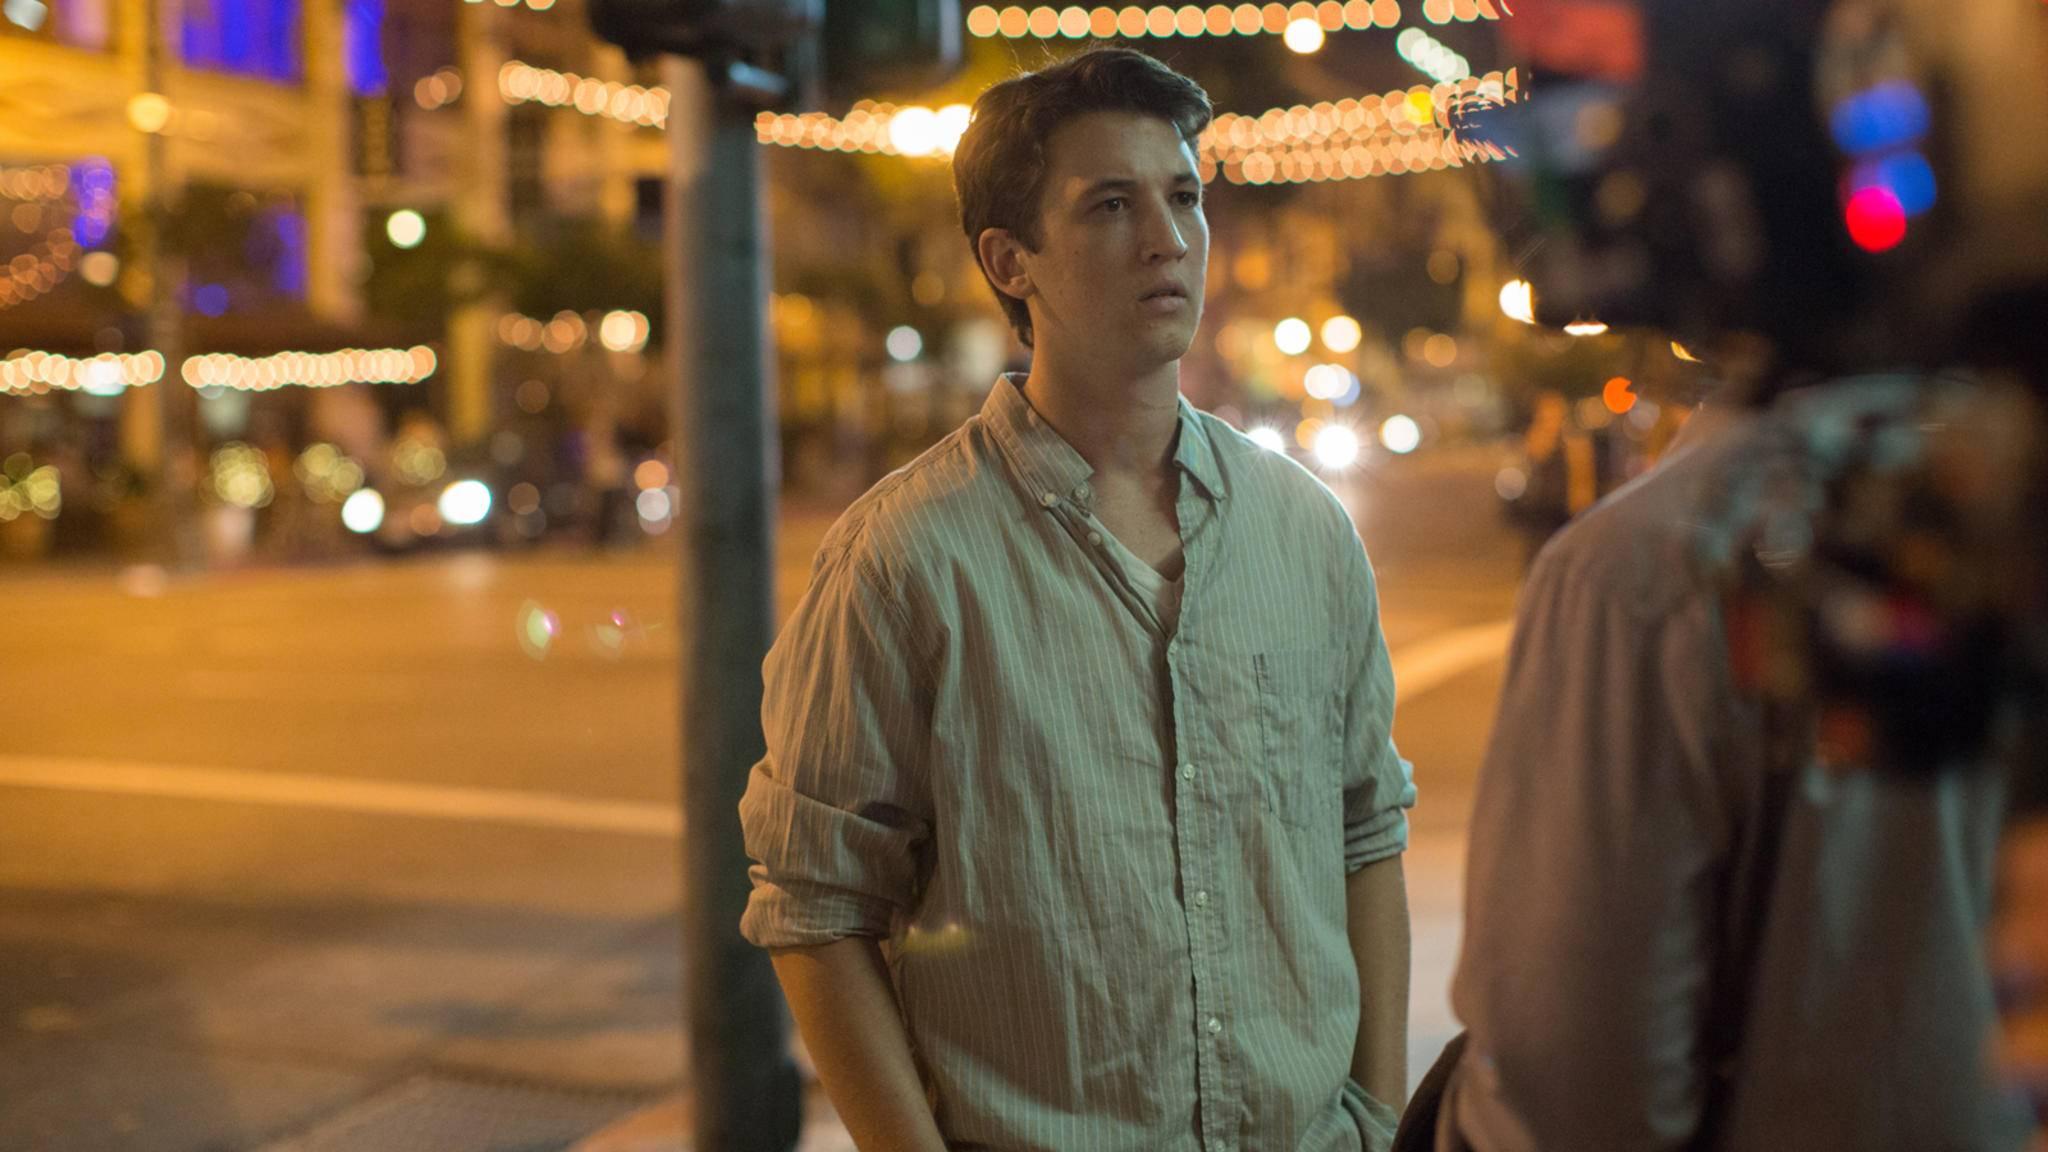 """Für seine Rolle in """"Whiplash"""" war Miles Teller 2015 für einen BAFTA Award nominiert."""